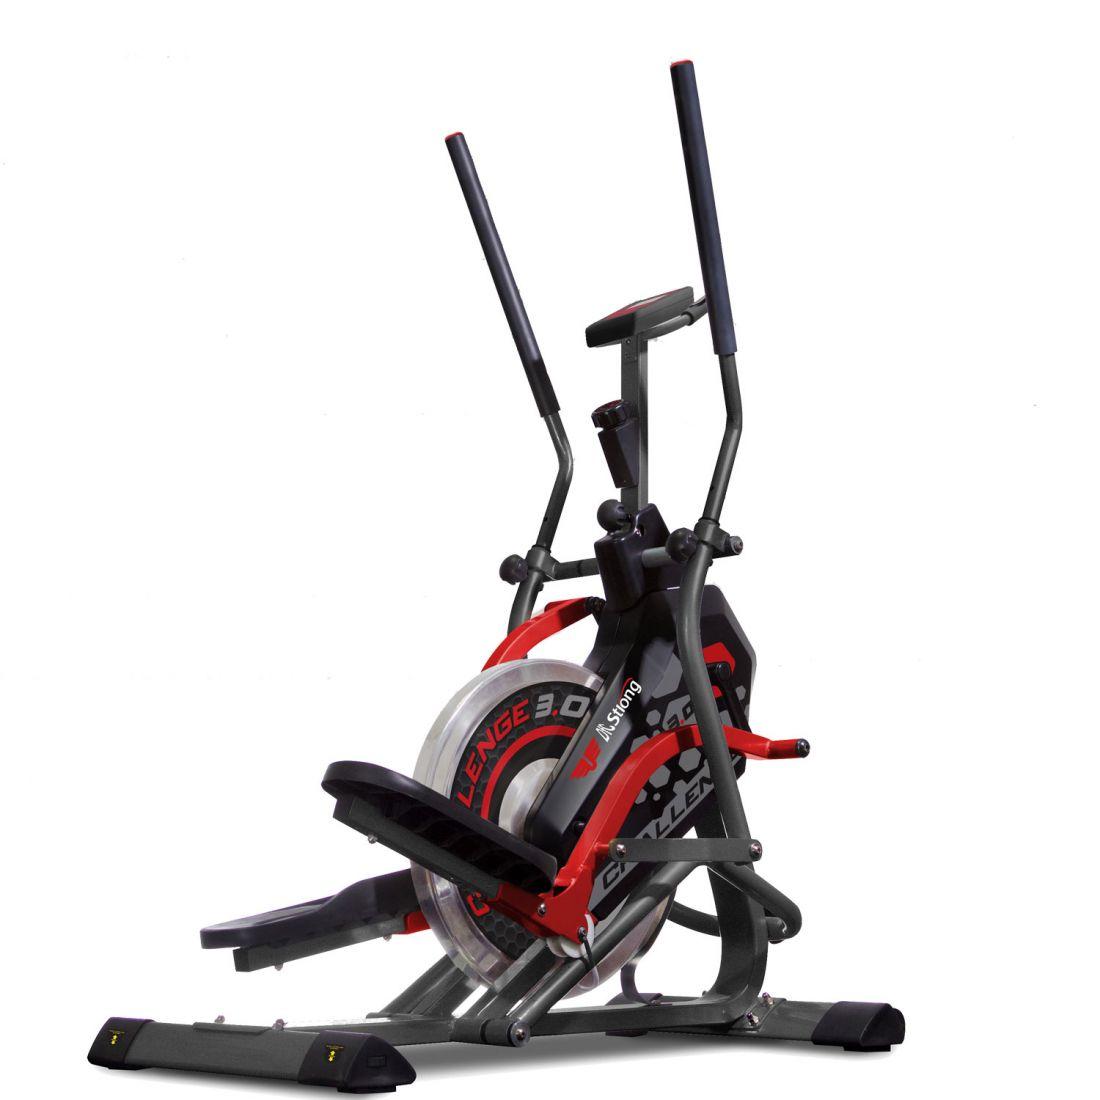 Эллиптический тренажер - DFC Challenge Climber 3.0